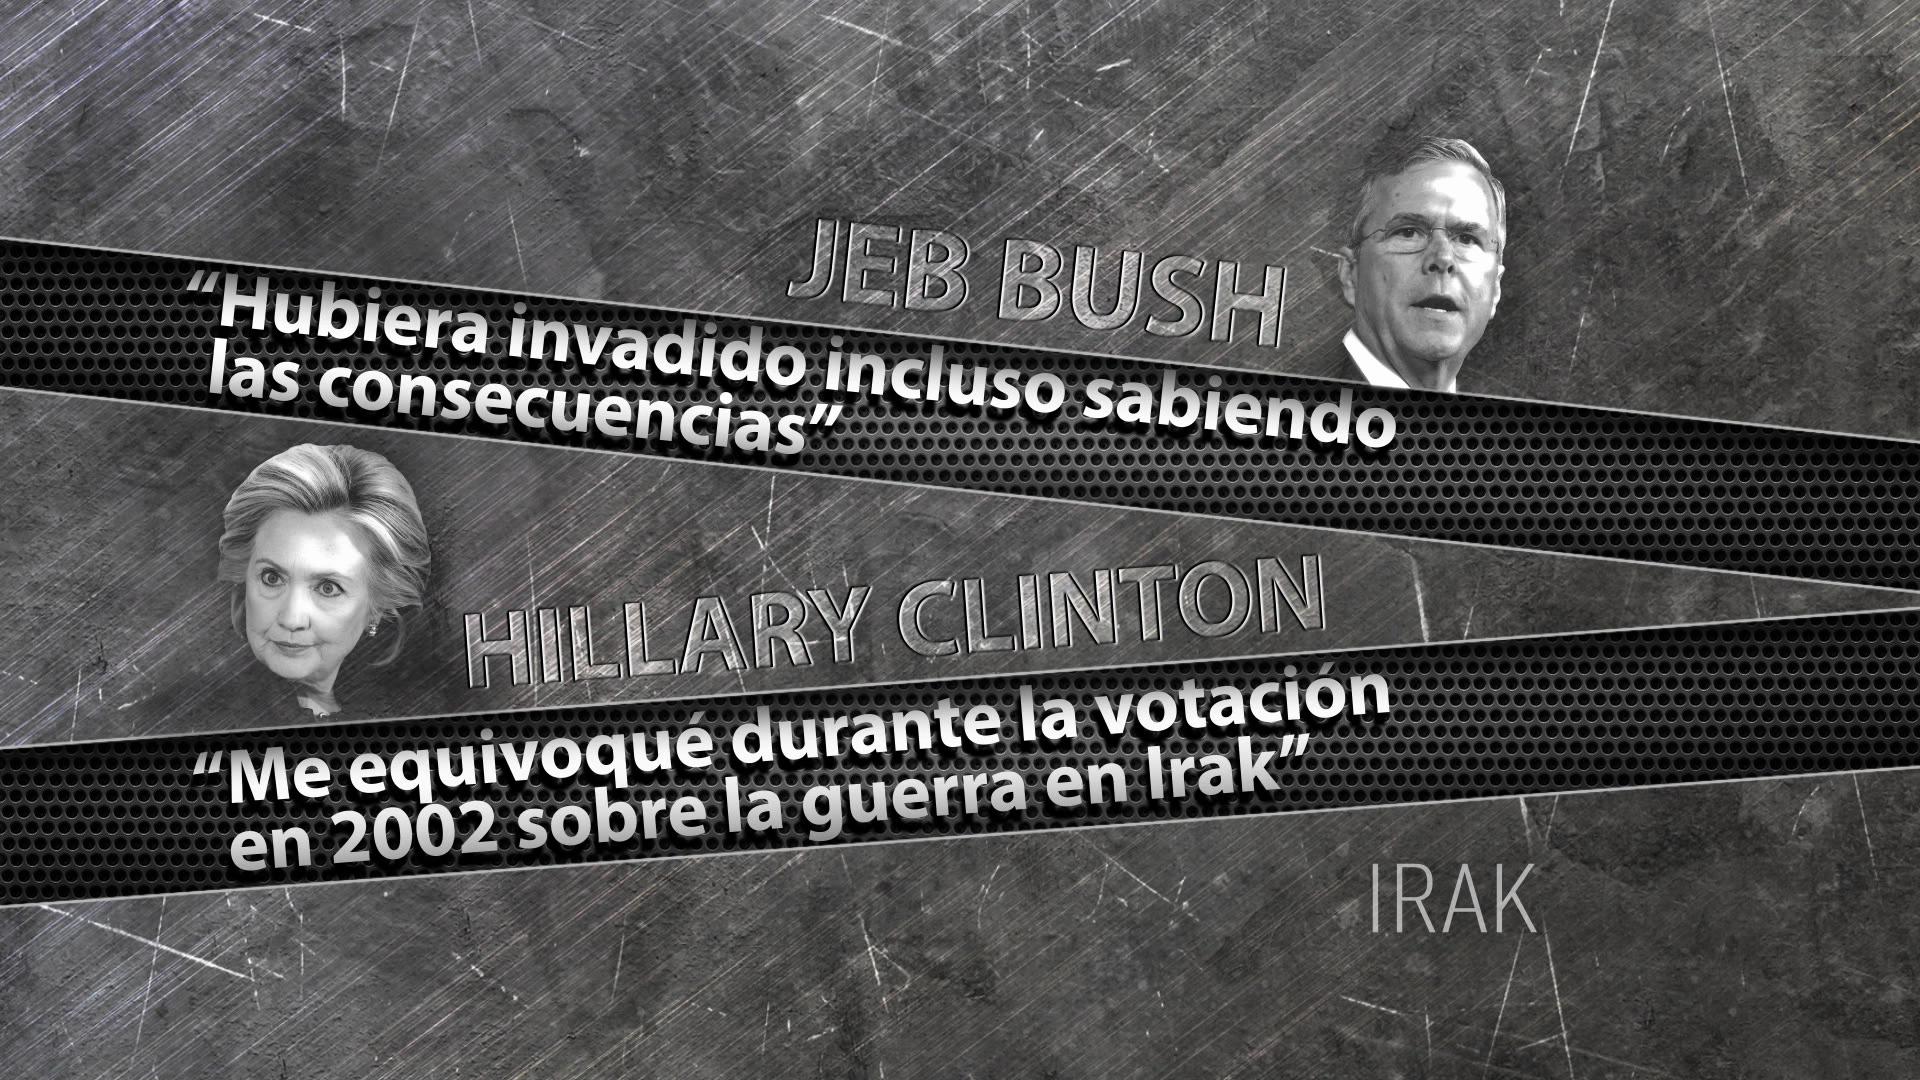 Las posturas de Jeb Bush y Hillary Clinton sobre Irak